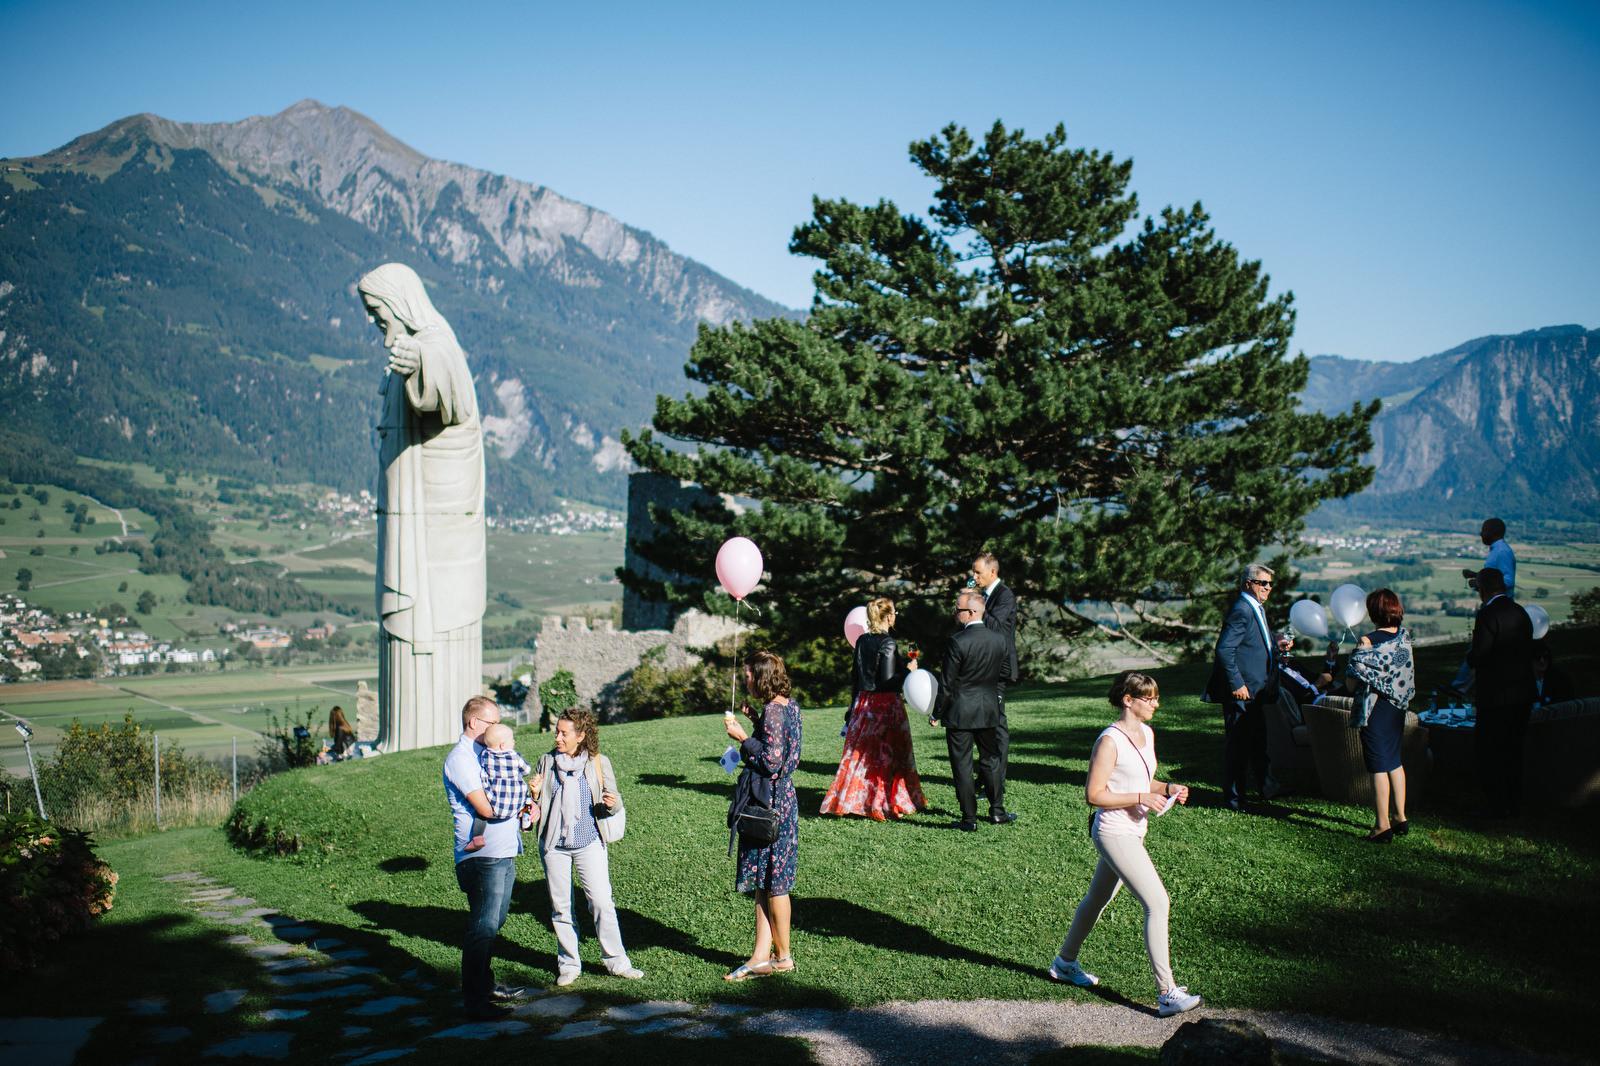 Fotograf Konstanz - Luxus Hochzeit Fotograf Grand Resort Bad Ragaz Schweiz Lichtenstein 122 - Destination wedding at the Grand Resort Bad Ragaz, Swiss  - 181 -